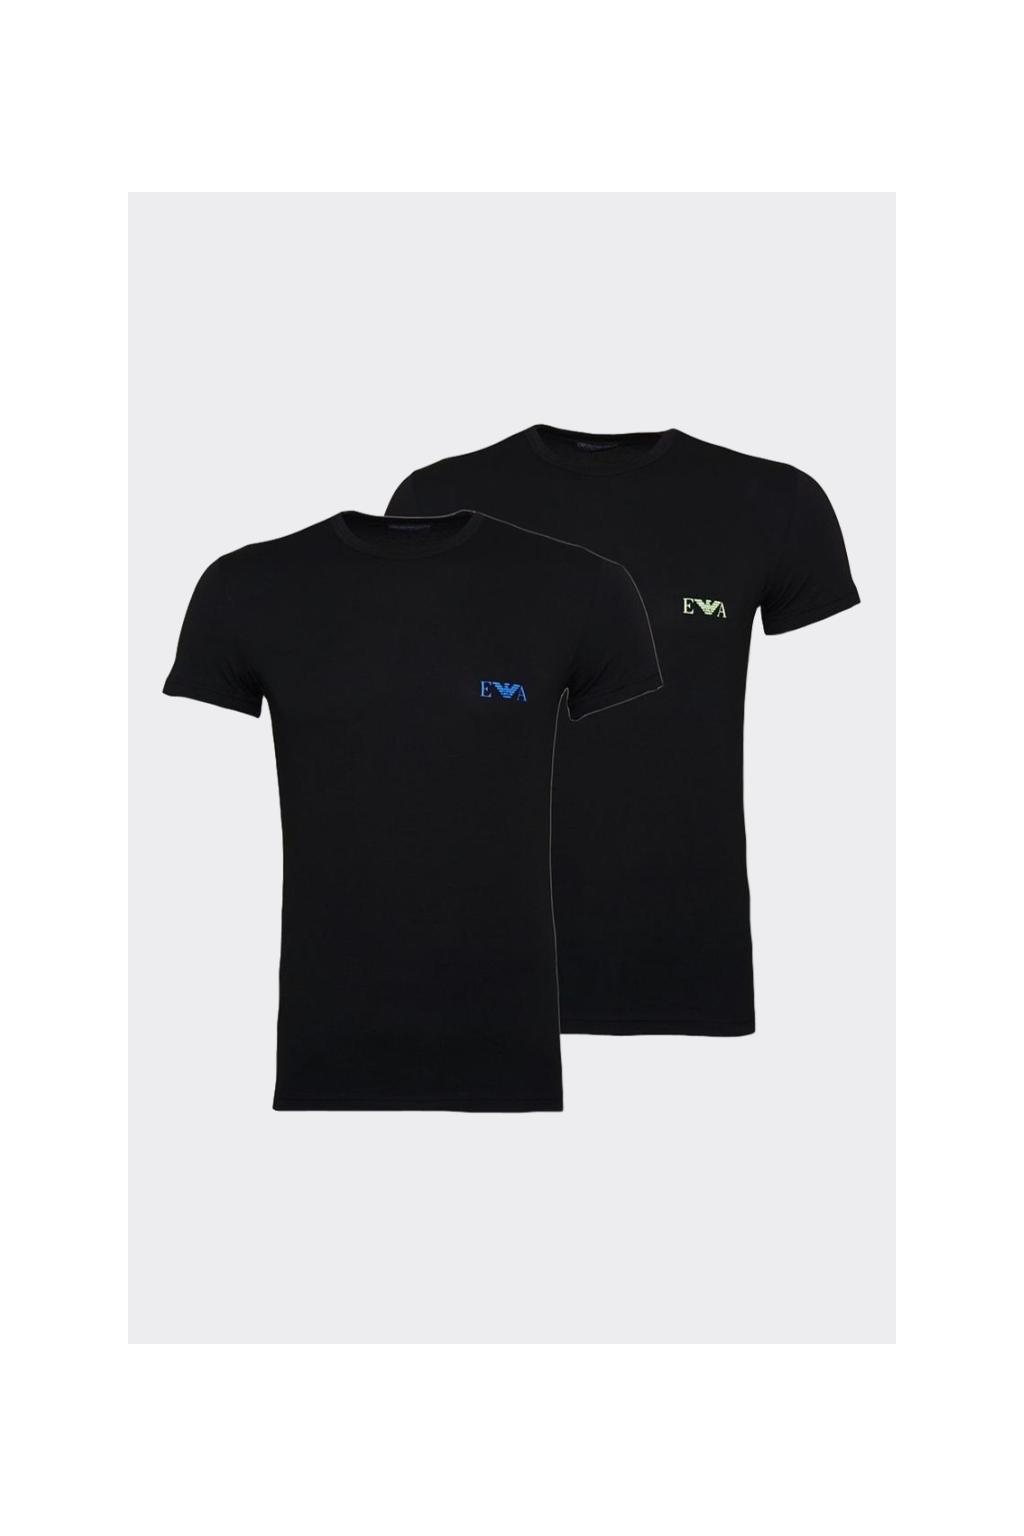 Emporio Armani Monogram trička 2-balení -černá